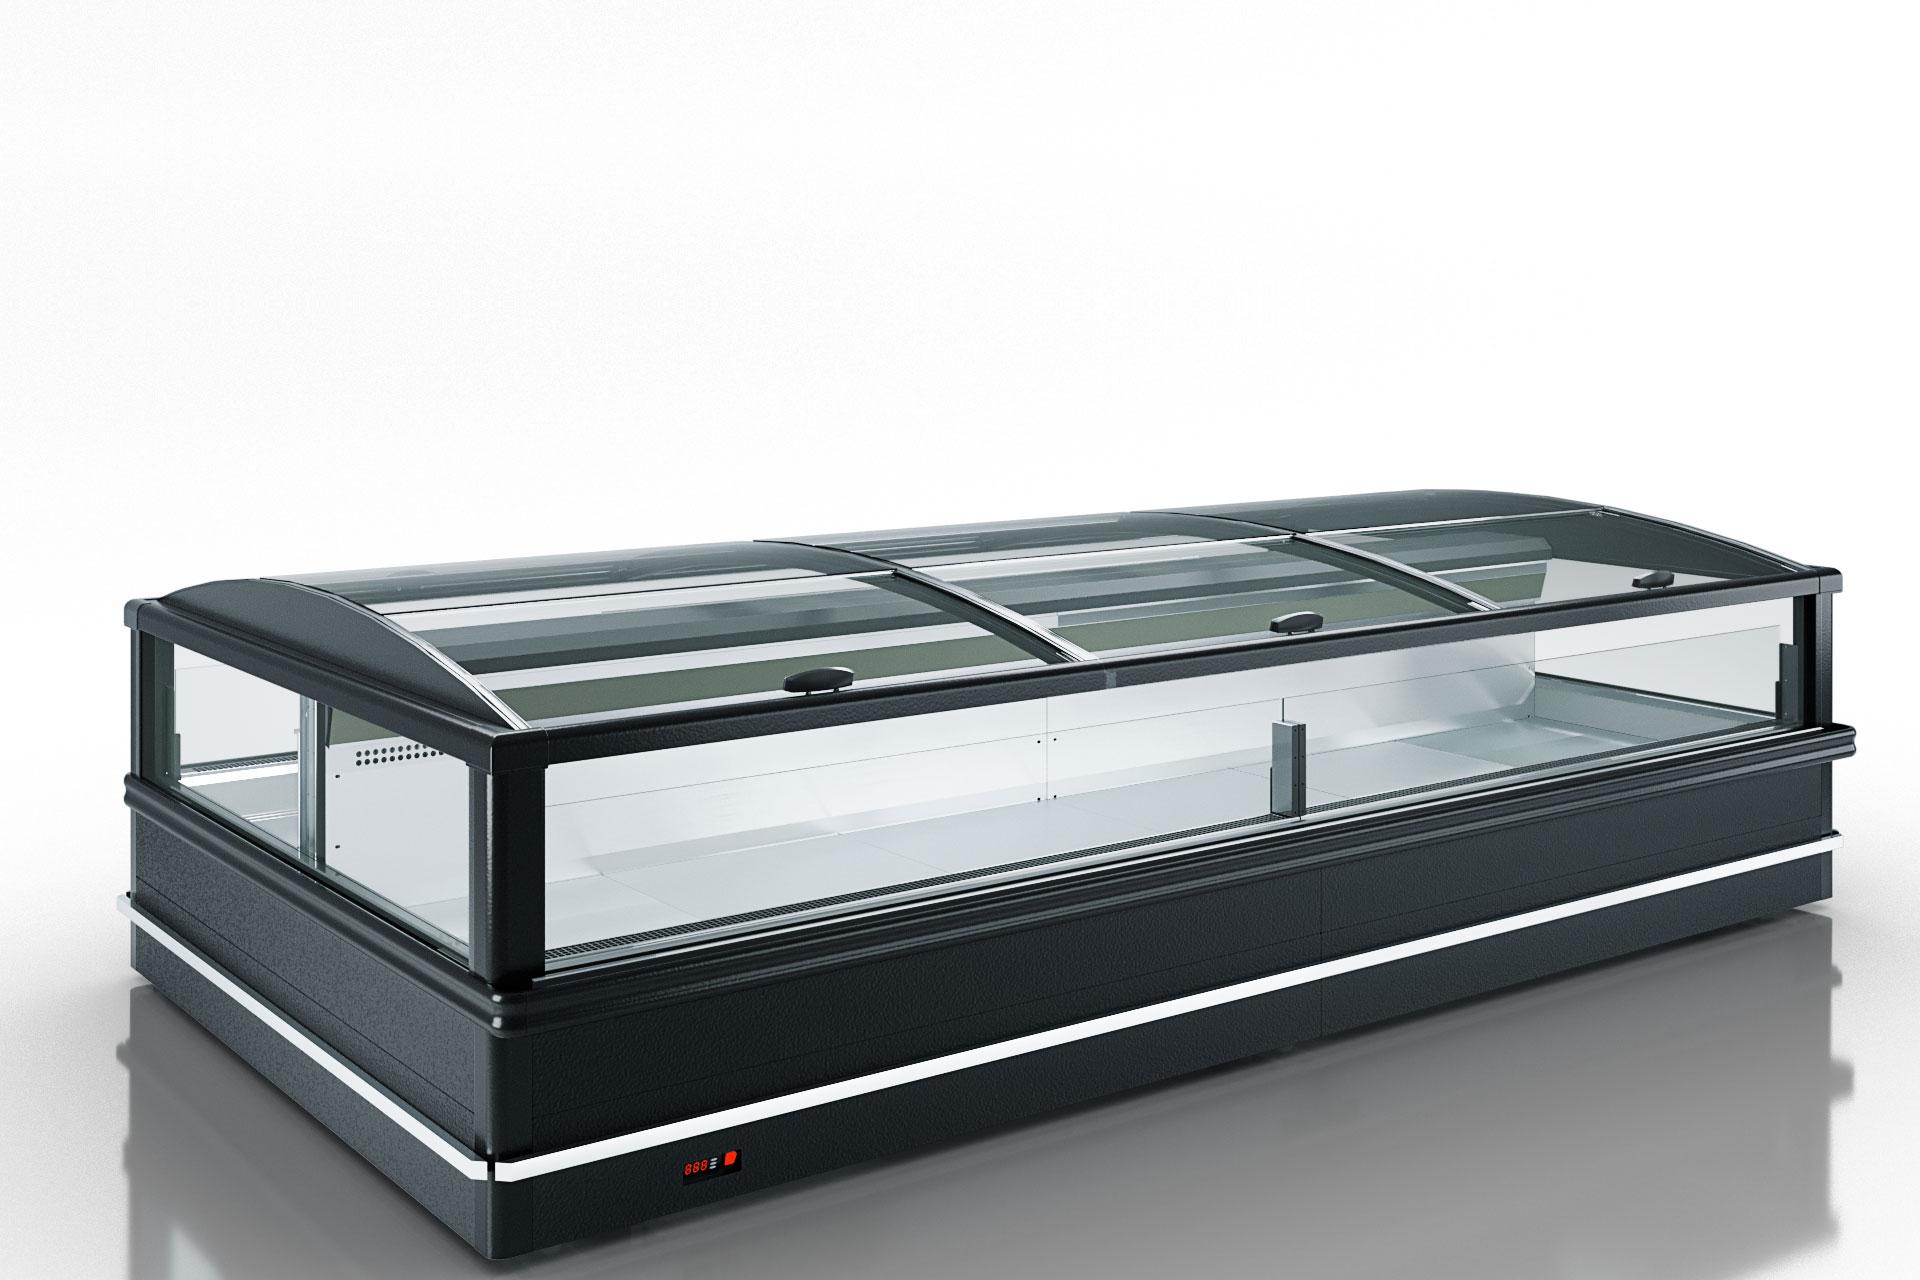 Витрина для замороженных продуктов Yukon MH 200 LT C 088-DLM